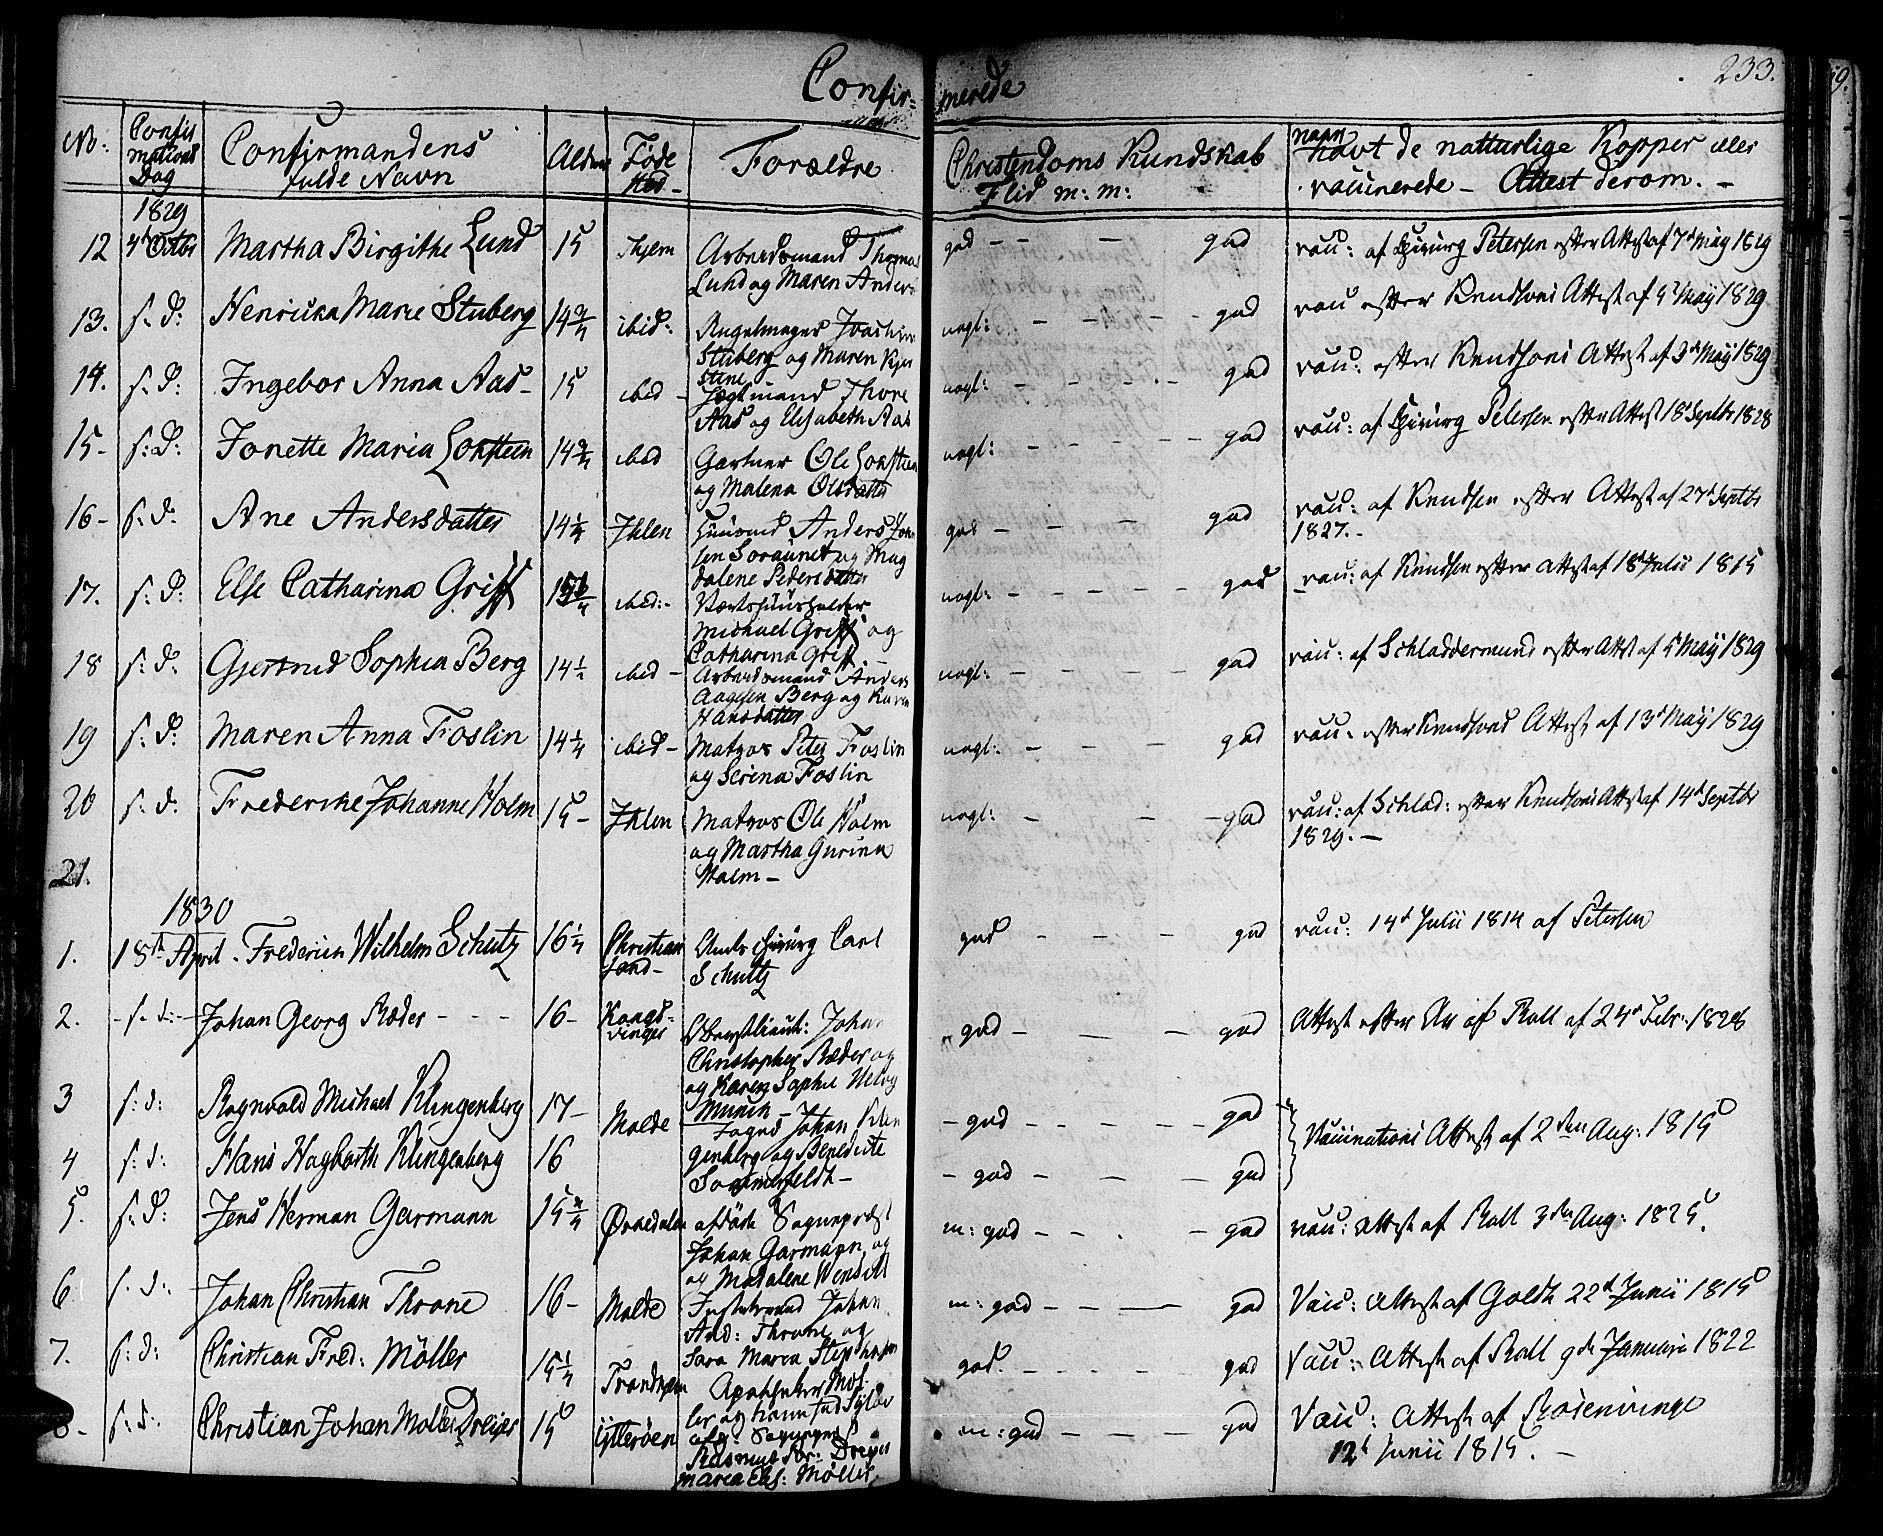 SAT, Ministerialprotokoller, klokkerbøker og fødselsregistre - Sør-Trøndelag, 601/L0045: Ministerialbok nr. 601A13, 1821-1831, s. 233